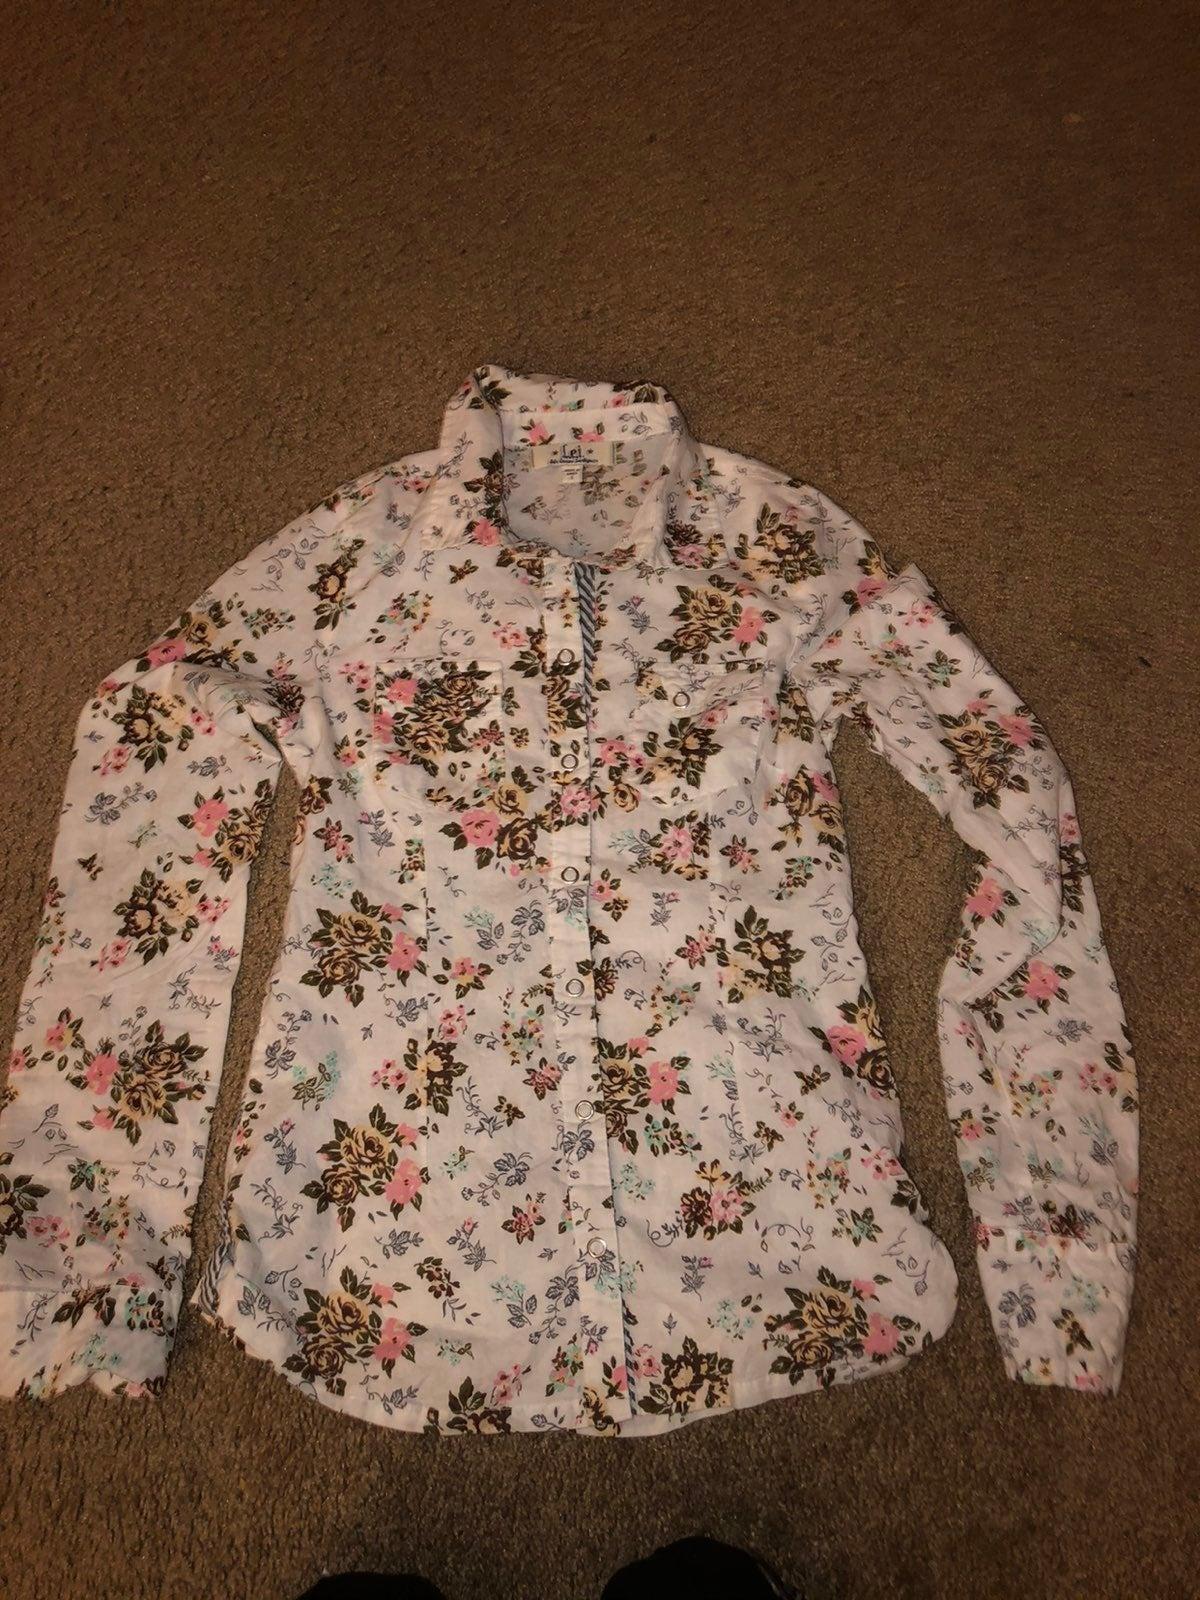 Woman's LEI shirt